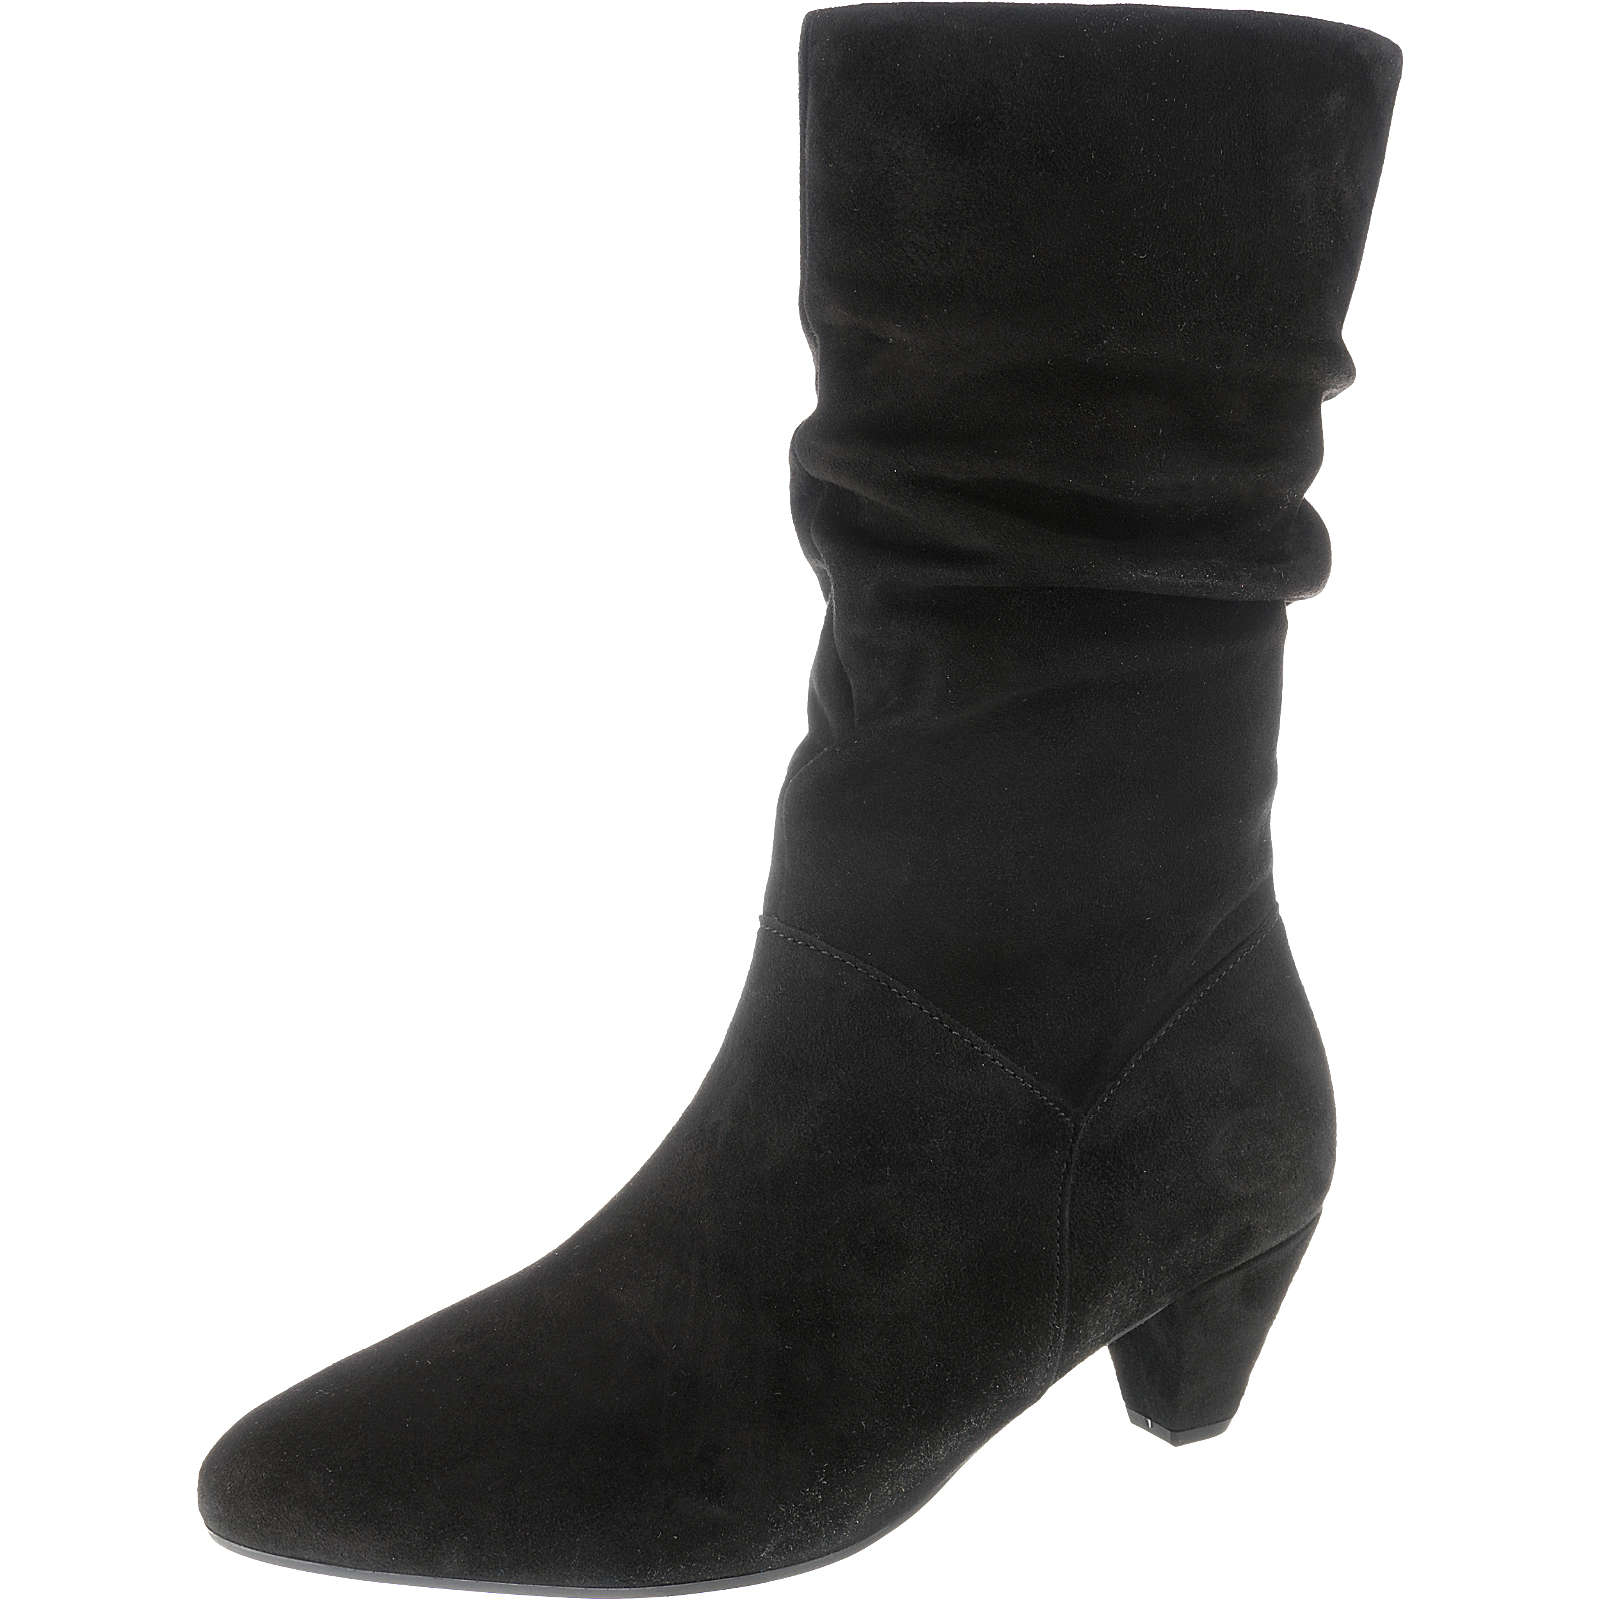 Gabor Klassische Stiefel schwarz Damen Gr. 41